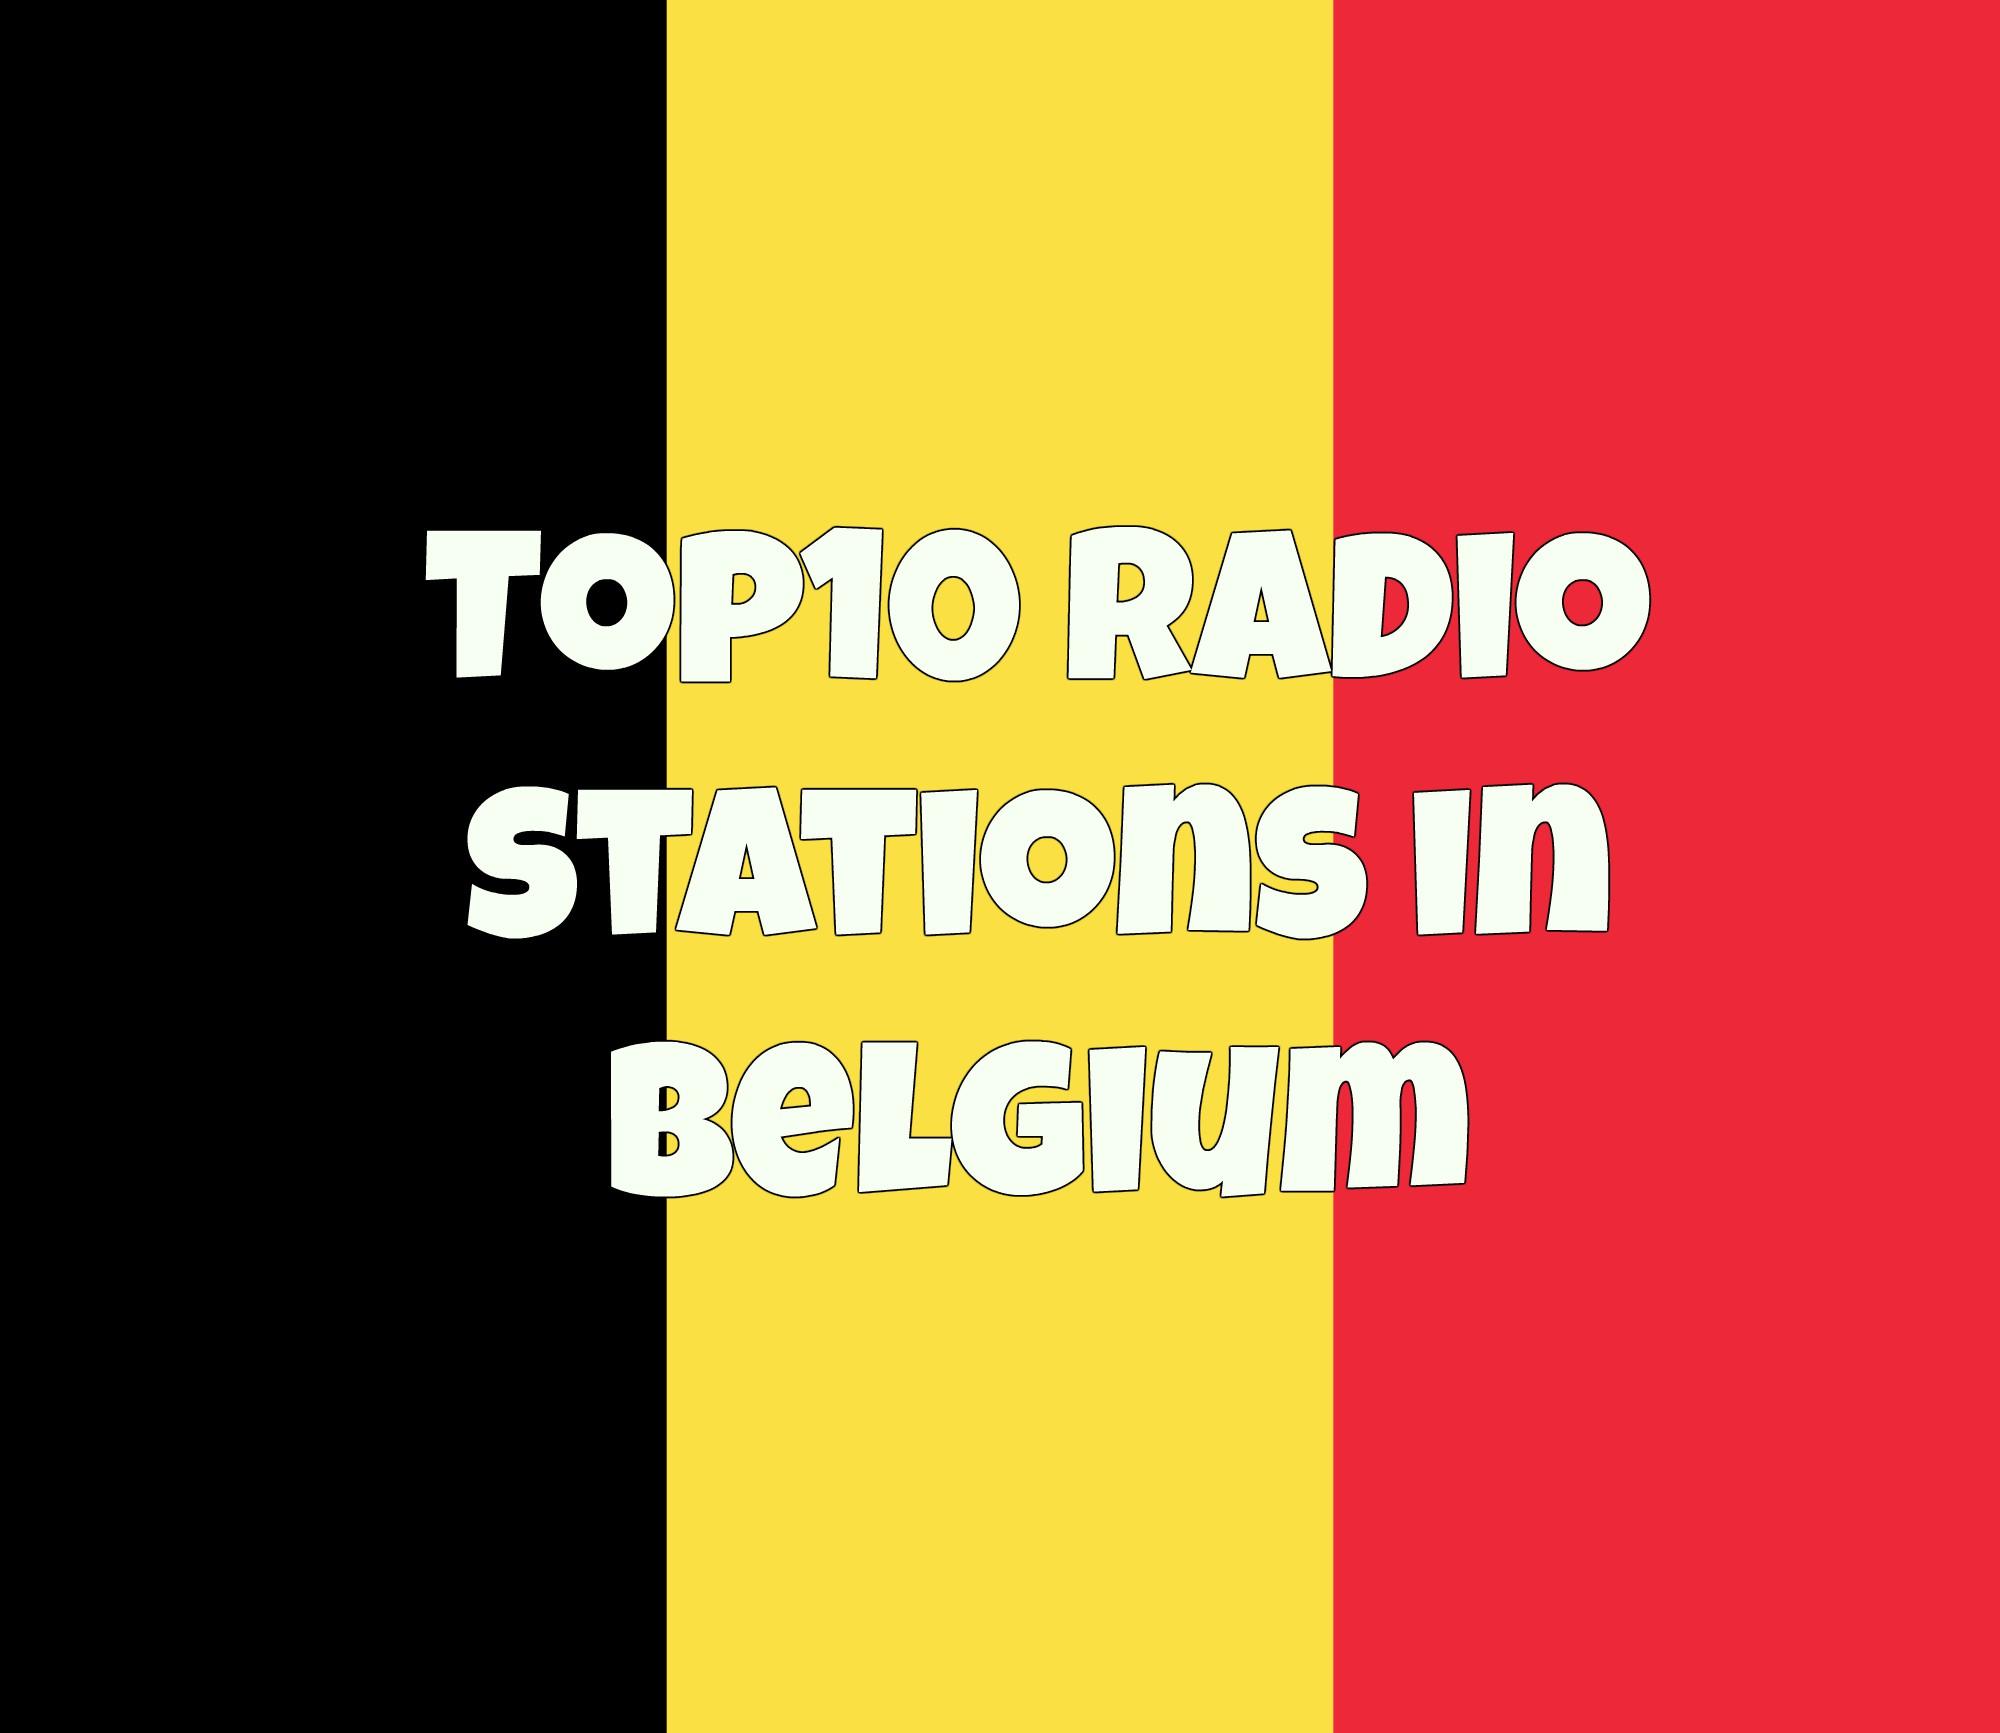 Top10 radio stations in Belgium online